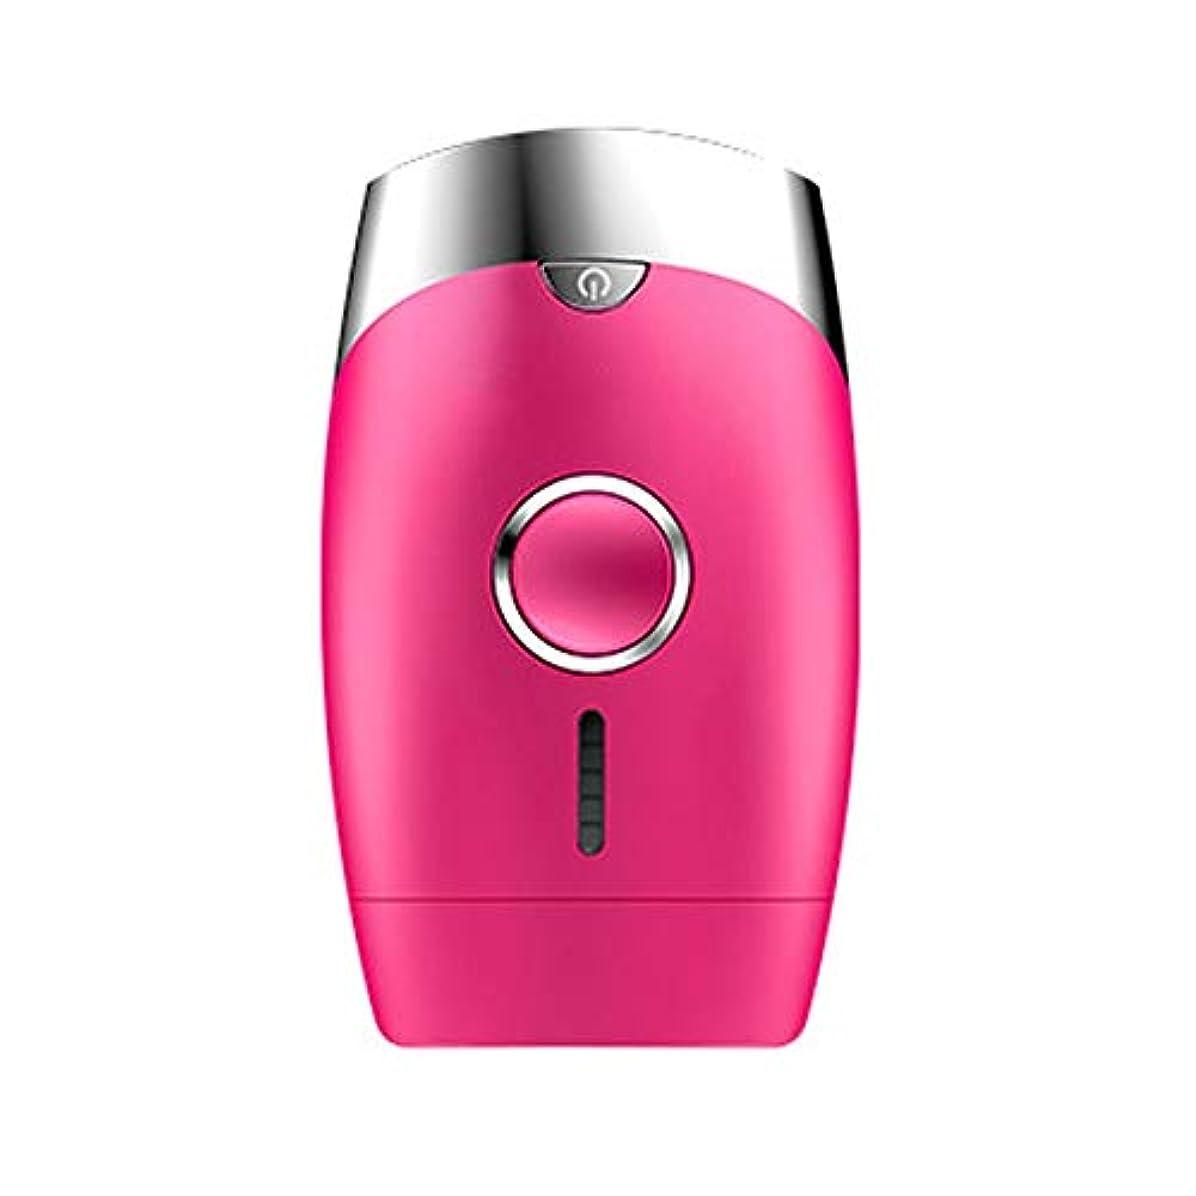 かけがえのない反発慰めNuanxin ピンク、5スピード調整、インテリジェント家庭用痛みのない凝固点ヘアリムーバー、シングルフラッシュ/連続フラッシュ、サイズ13.9 X 8.3 X 4.8 Cm F30 (Color : Pink)